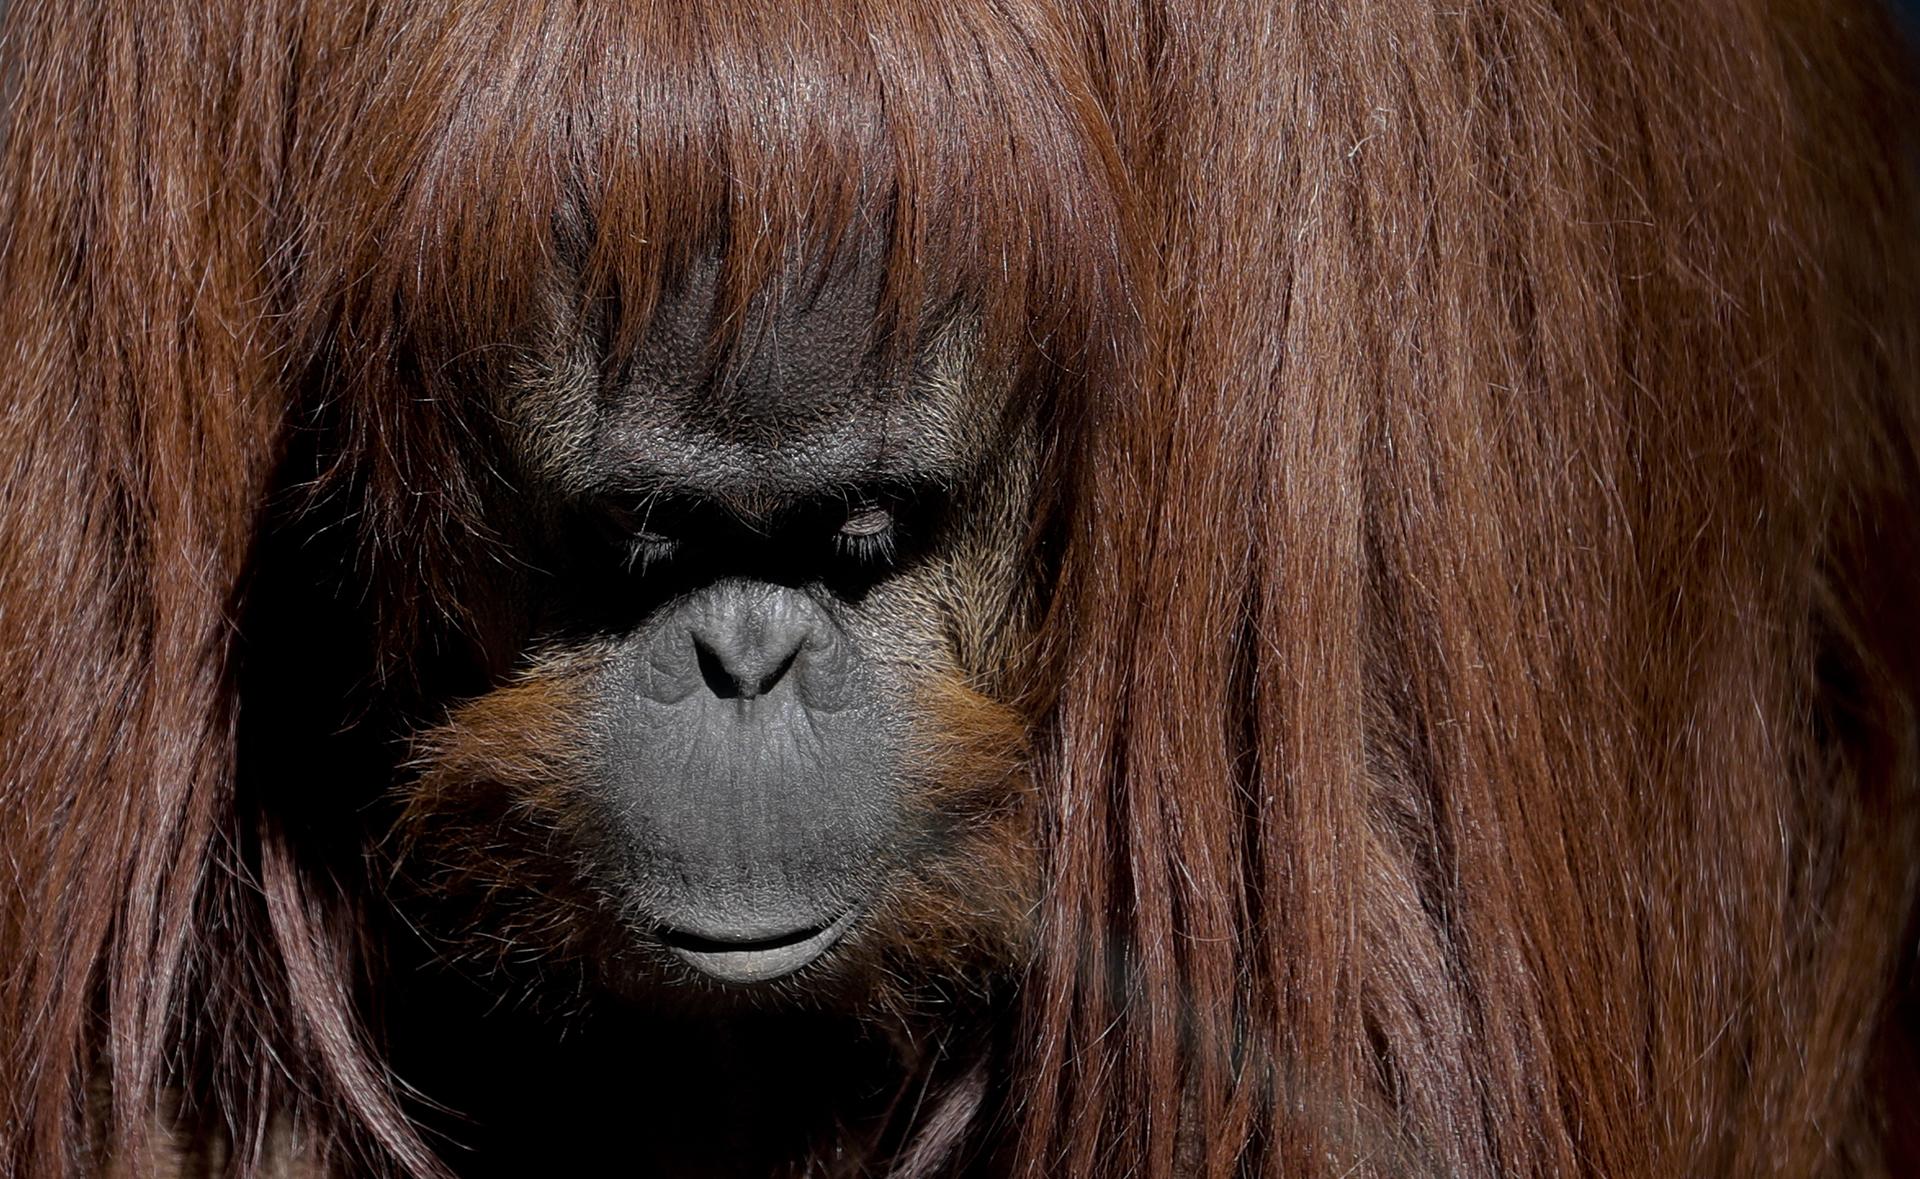 Sandra, el orangutándel antiguo zoológico de la ciudad.Sandra se dio a conocer en todo el mundo, cuando un tribunal argentino emitió un fallo histórico en 2014 en el que la dotaba de algunosderechos legales que gozan los seres humanos.Ella ya no está en exhibición para los visitantes curiosos.